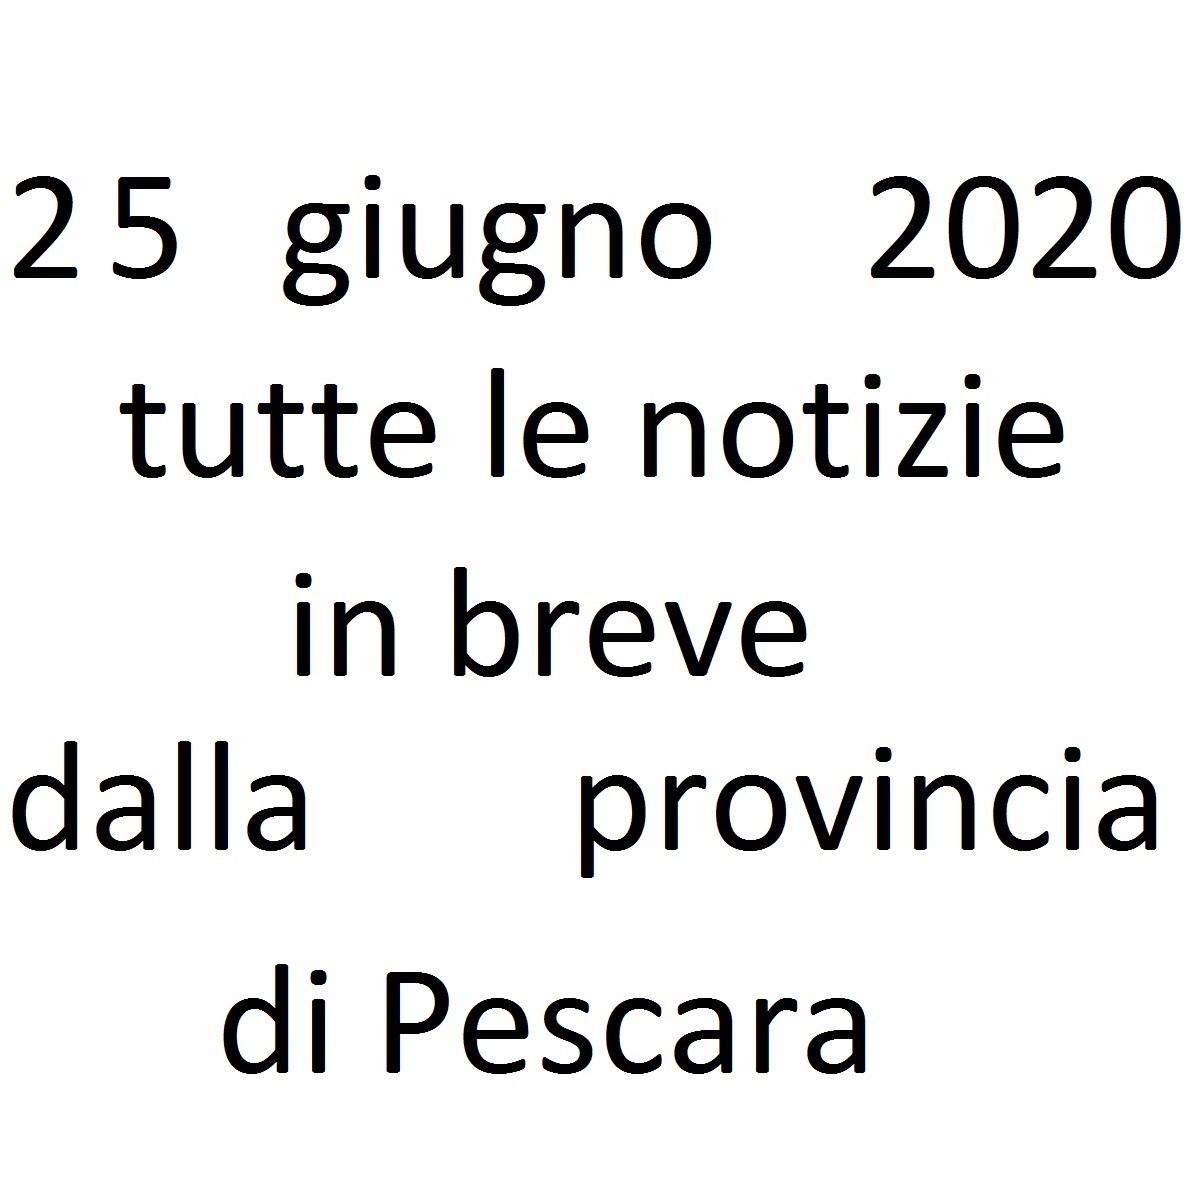 25 giugno 2020 notizie in breve dalla Provincia di Pescara foto